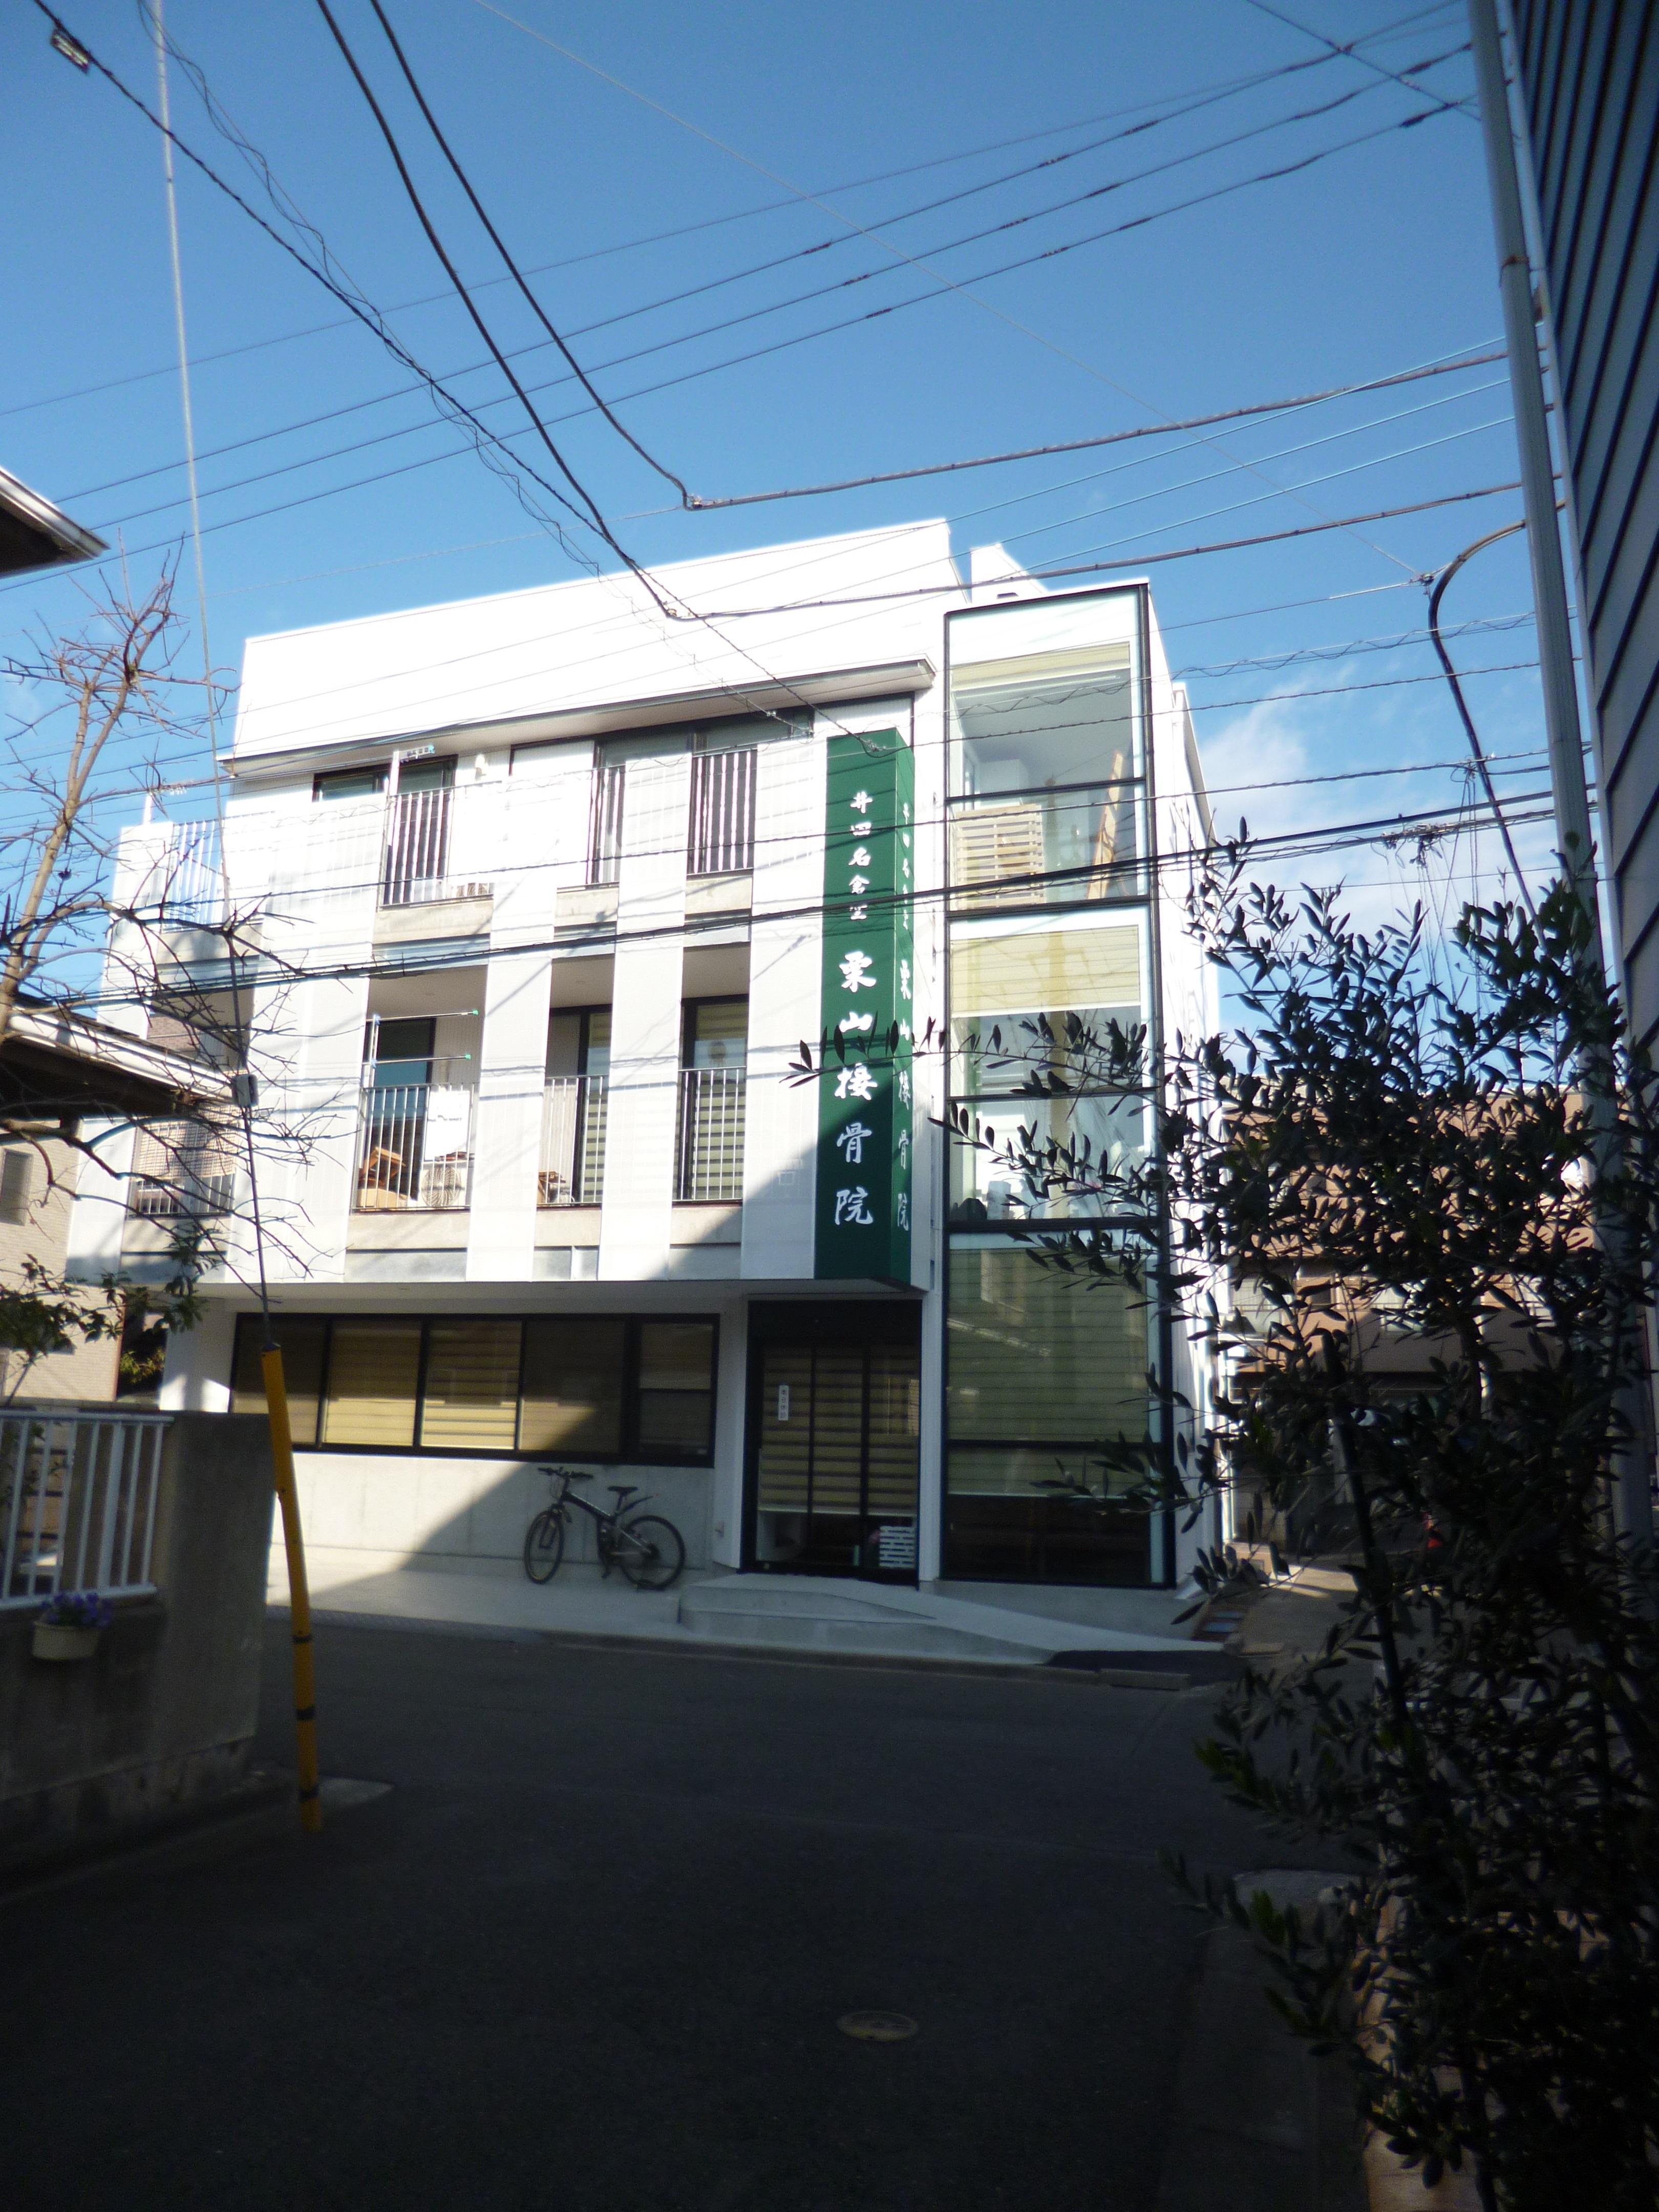 KRYM-元住吉の医院併用二世帯住宅の部屋 白いシンプルな外観